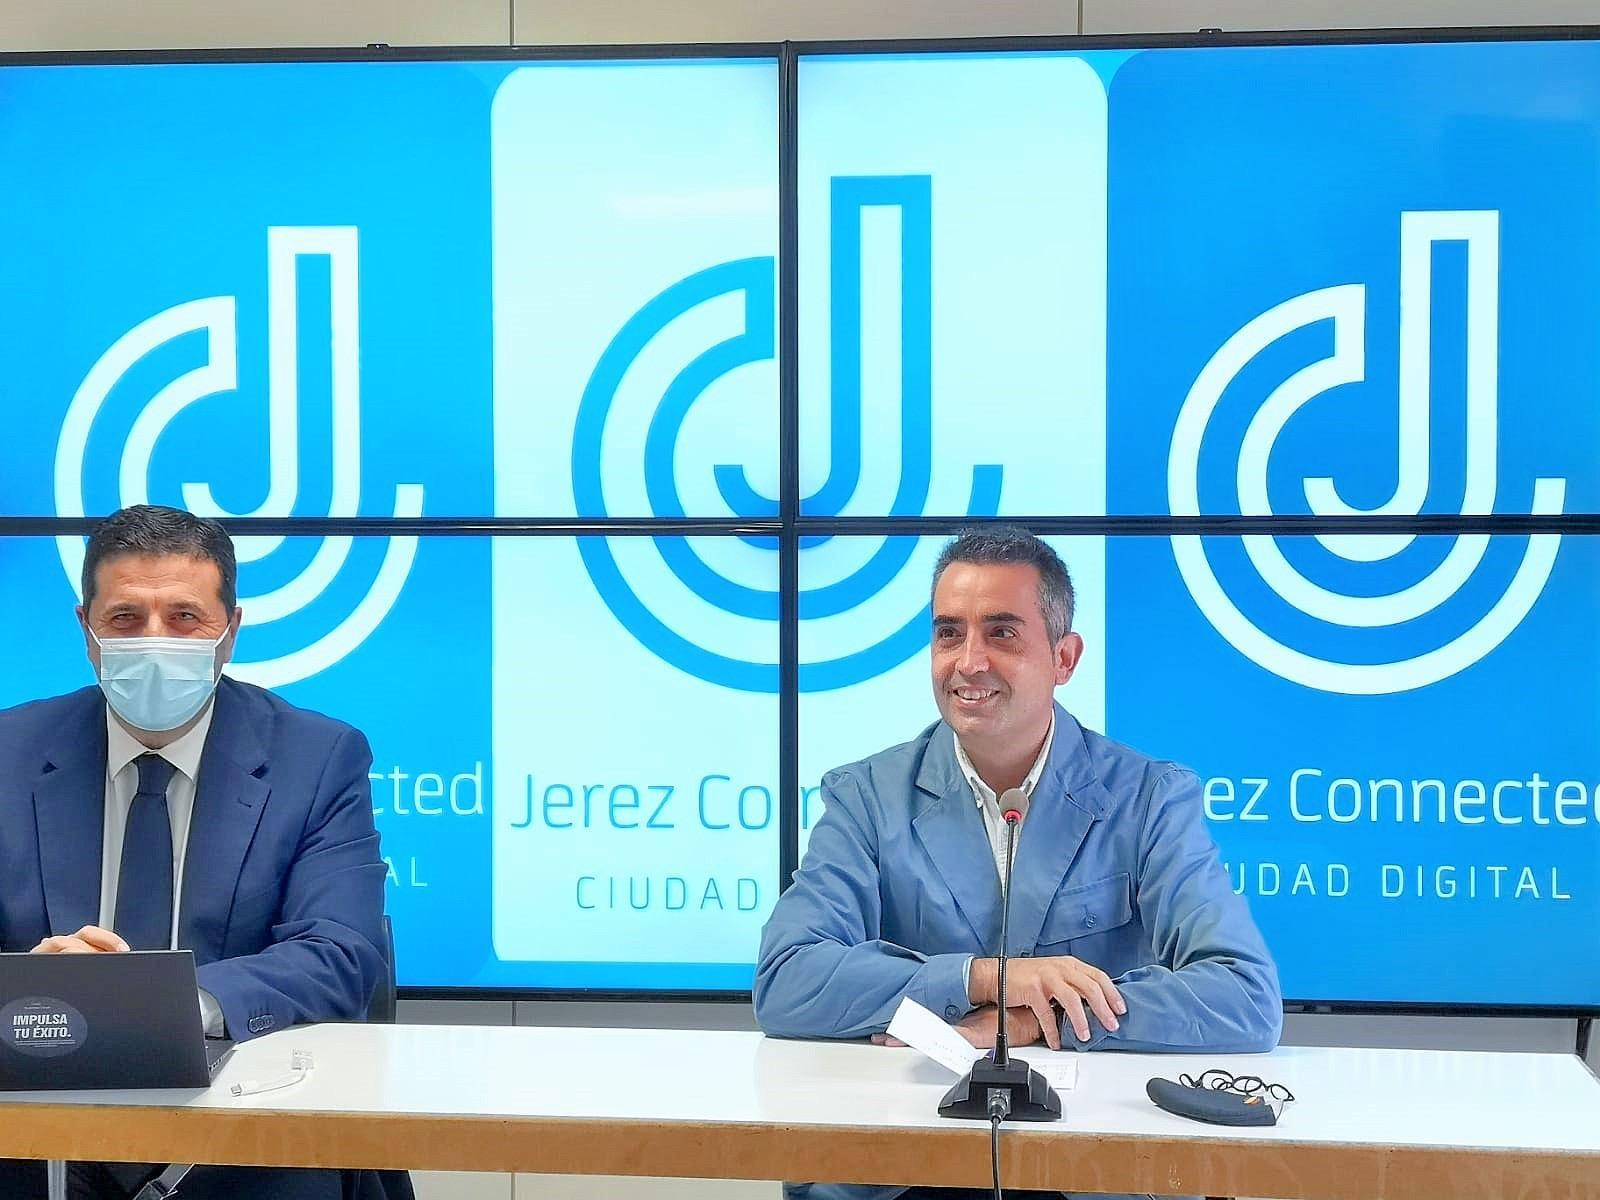 El PP propone un plan estratégico de empleo para revertir las dramáticas cifras de paro de Jerez